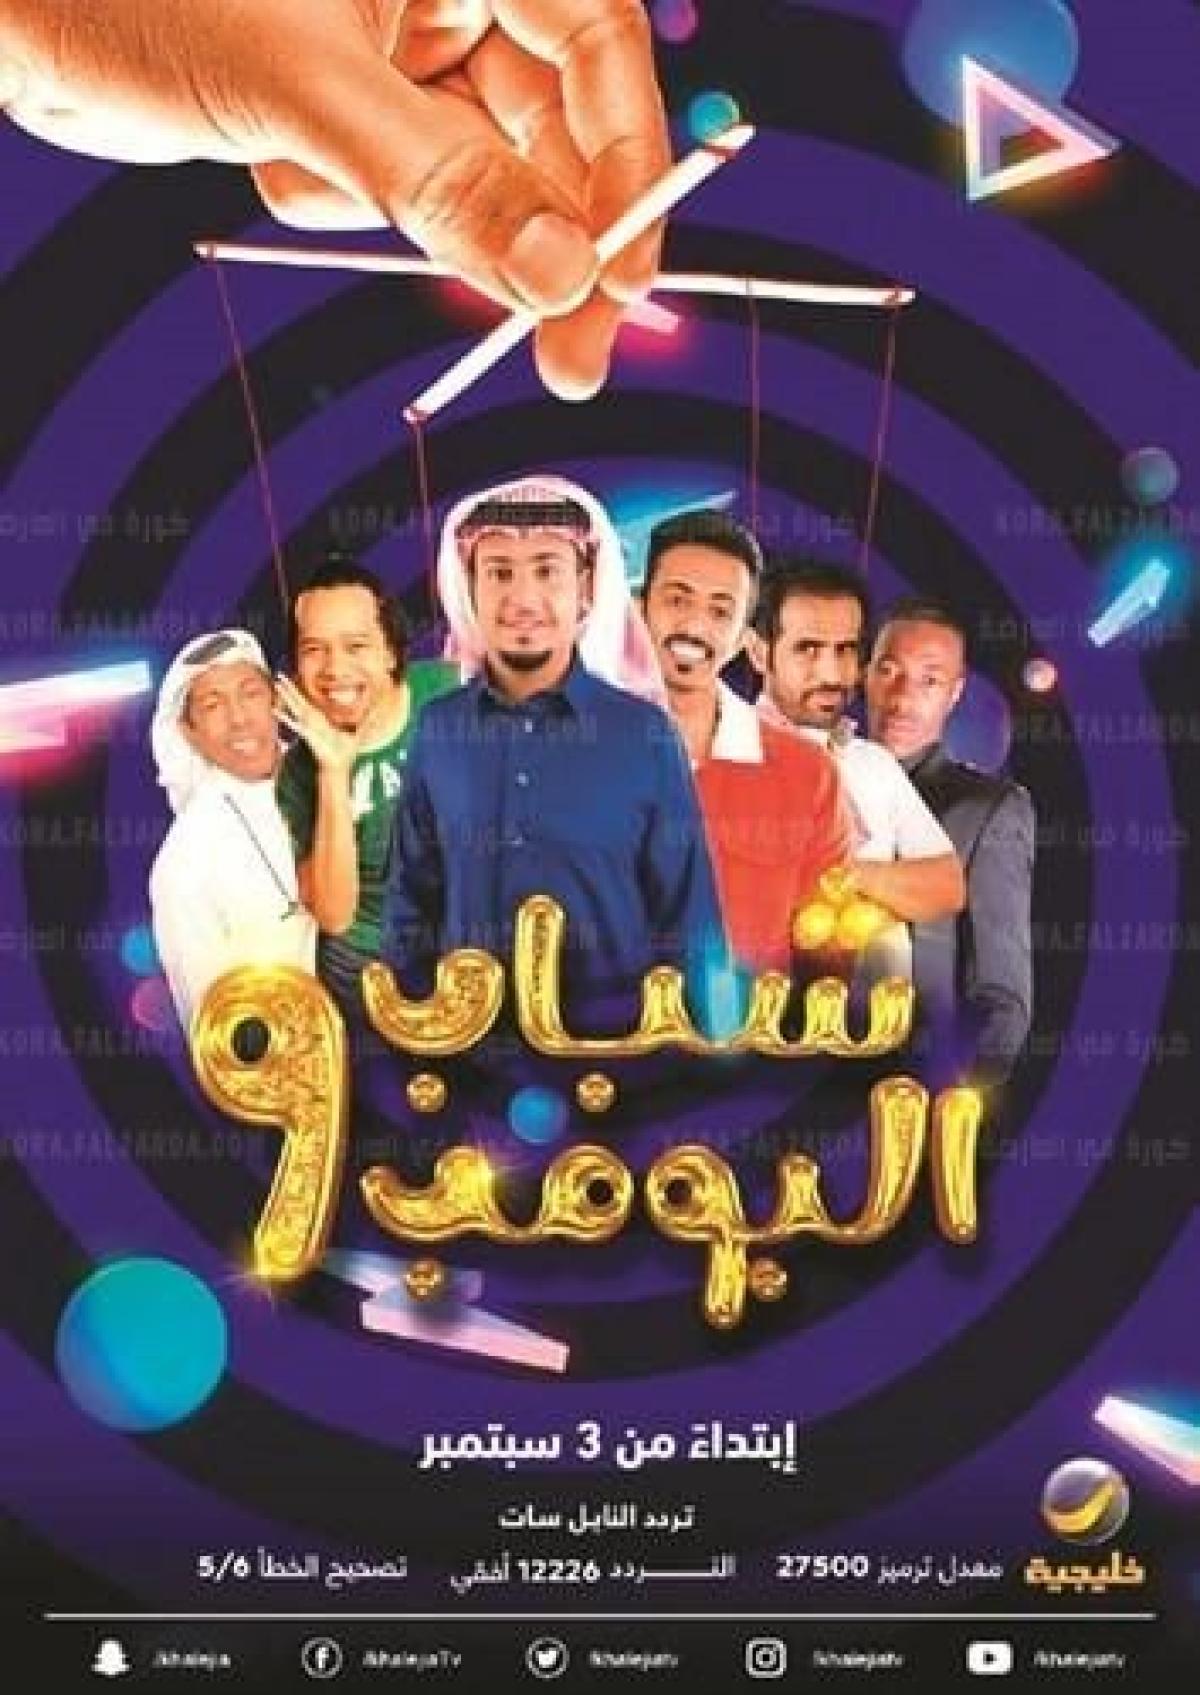 تابع الآن مسلسل شباب البومب ٩ الحلقة الثالثة shabab drama تردد قناة روتانا خليجية Hd